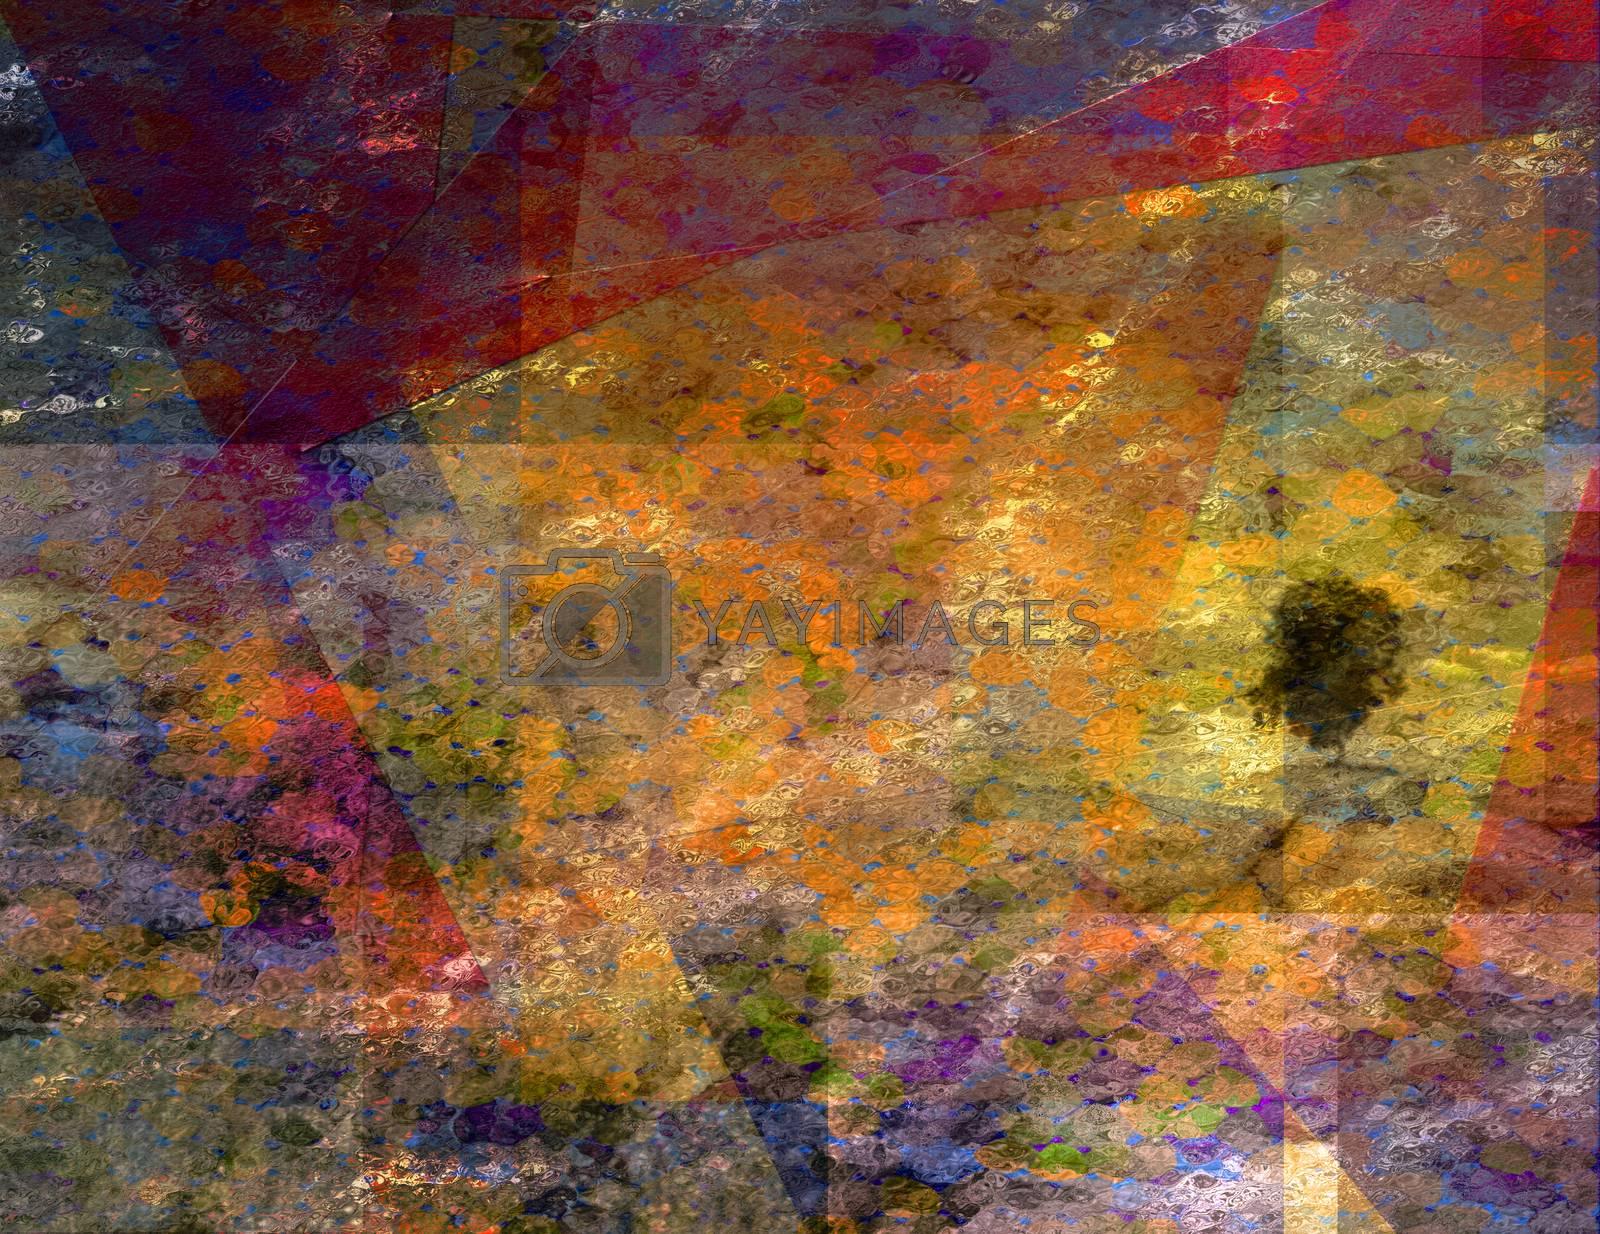 Vivid Digital Abstraction. 3D rendering